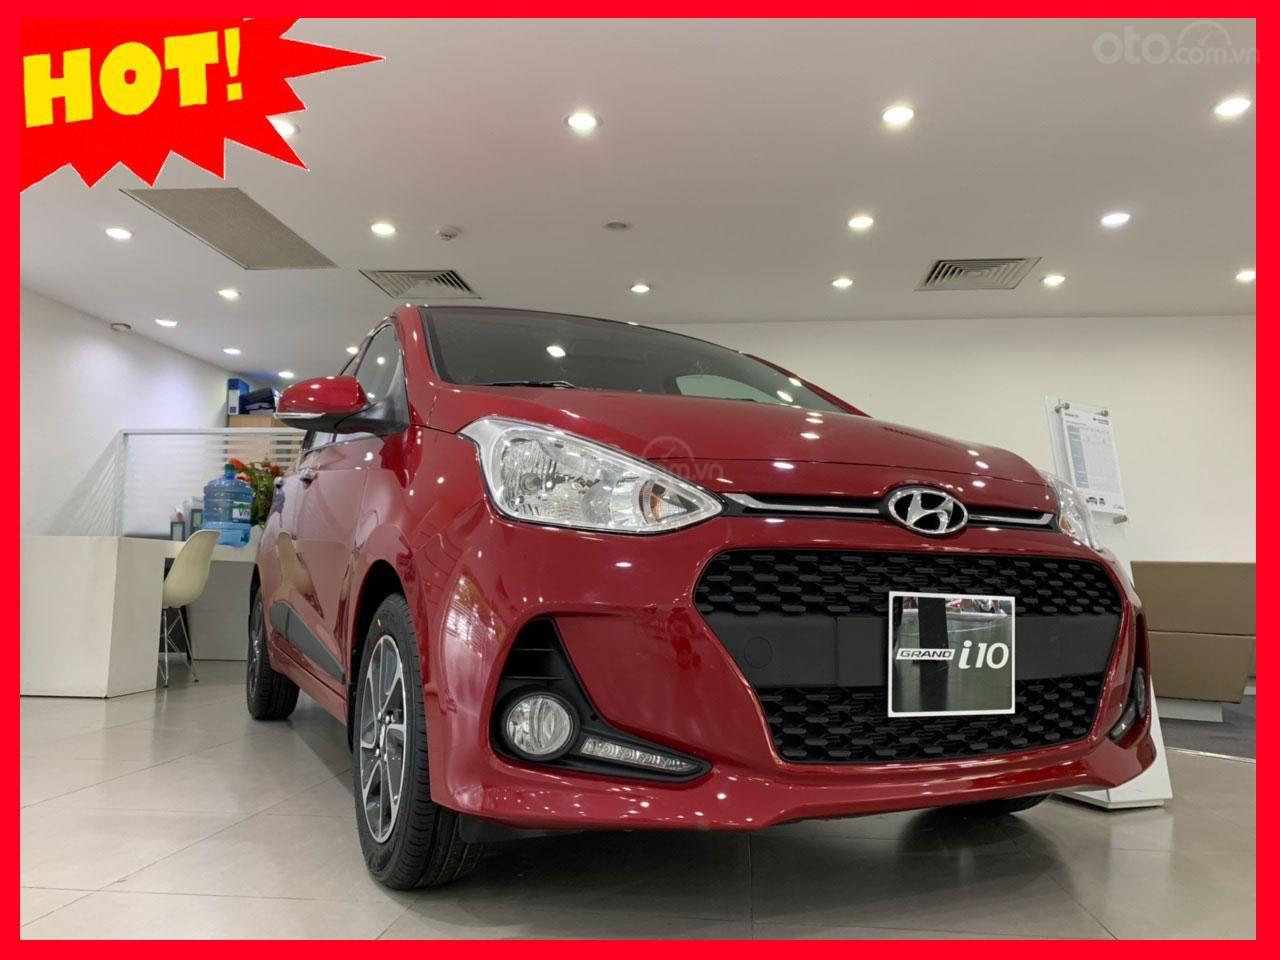 Bán Hyundai Grand I10 bán đúng giá - nhiều quà - hỗ trợ vay linh hoạt - hỗ trợ vào Grab nhanh (1)